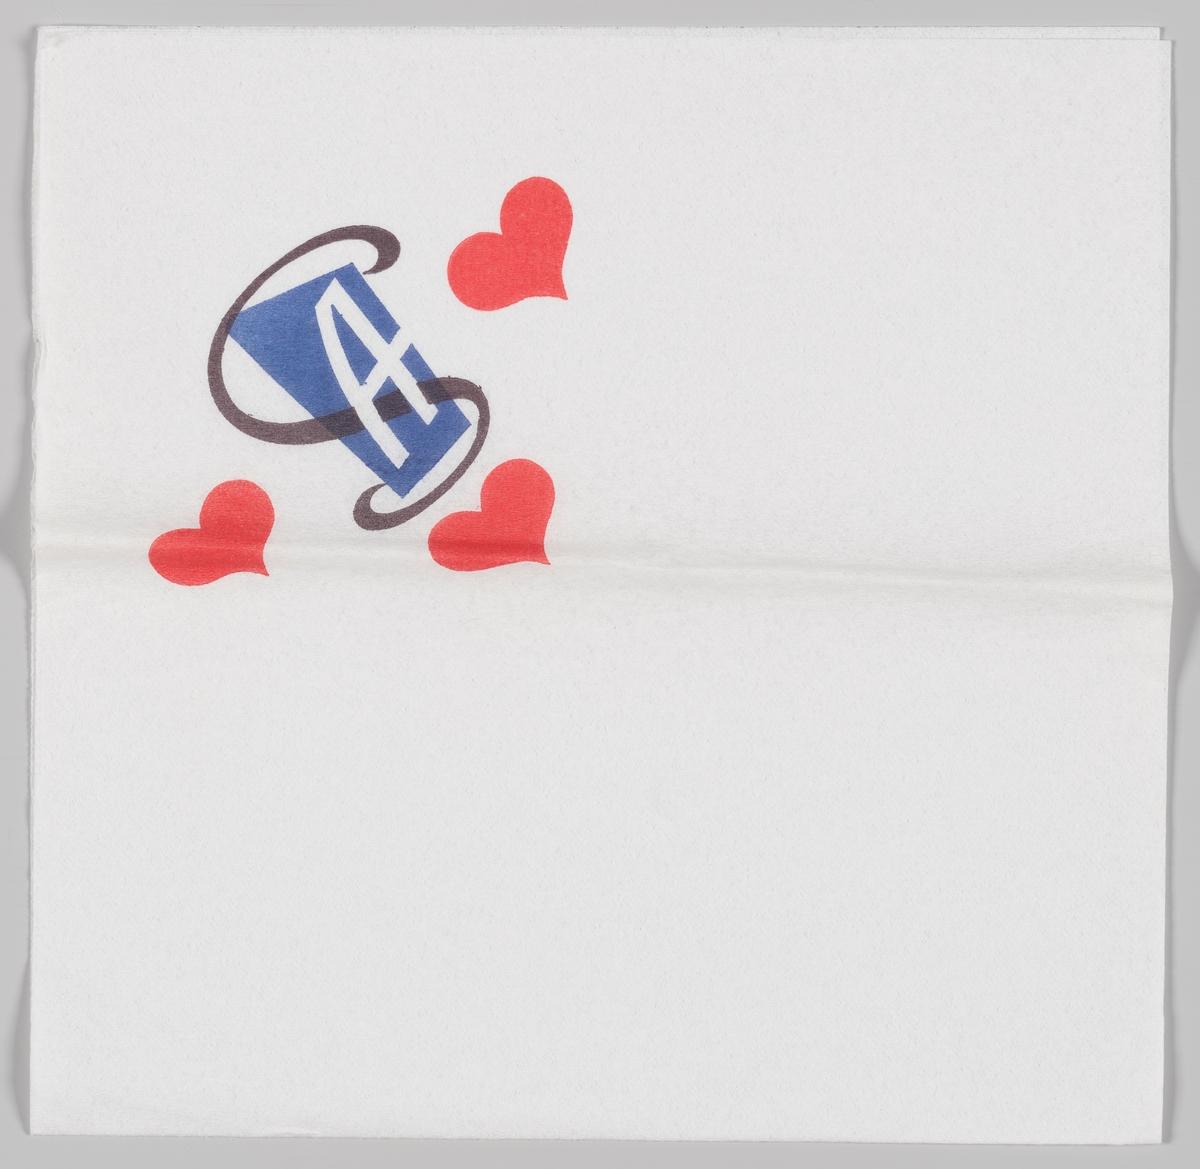 Hjerter og en reklamelogo med bokstaven A (ukjent produkt).